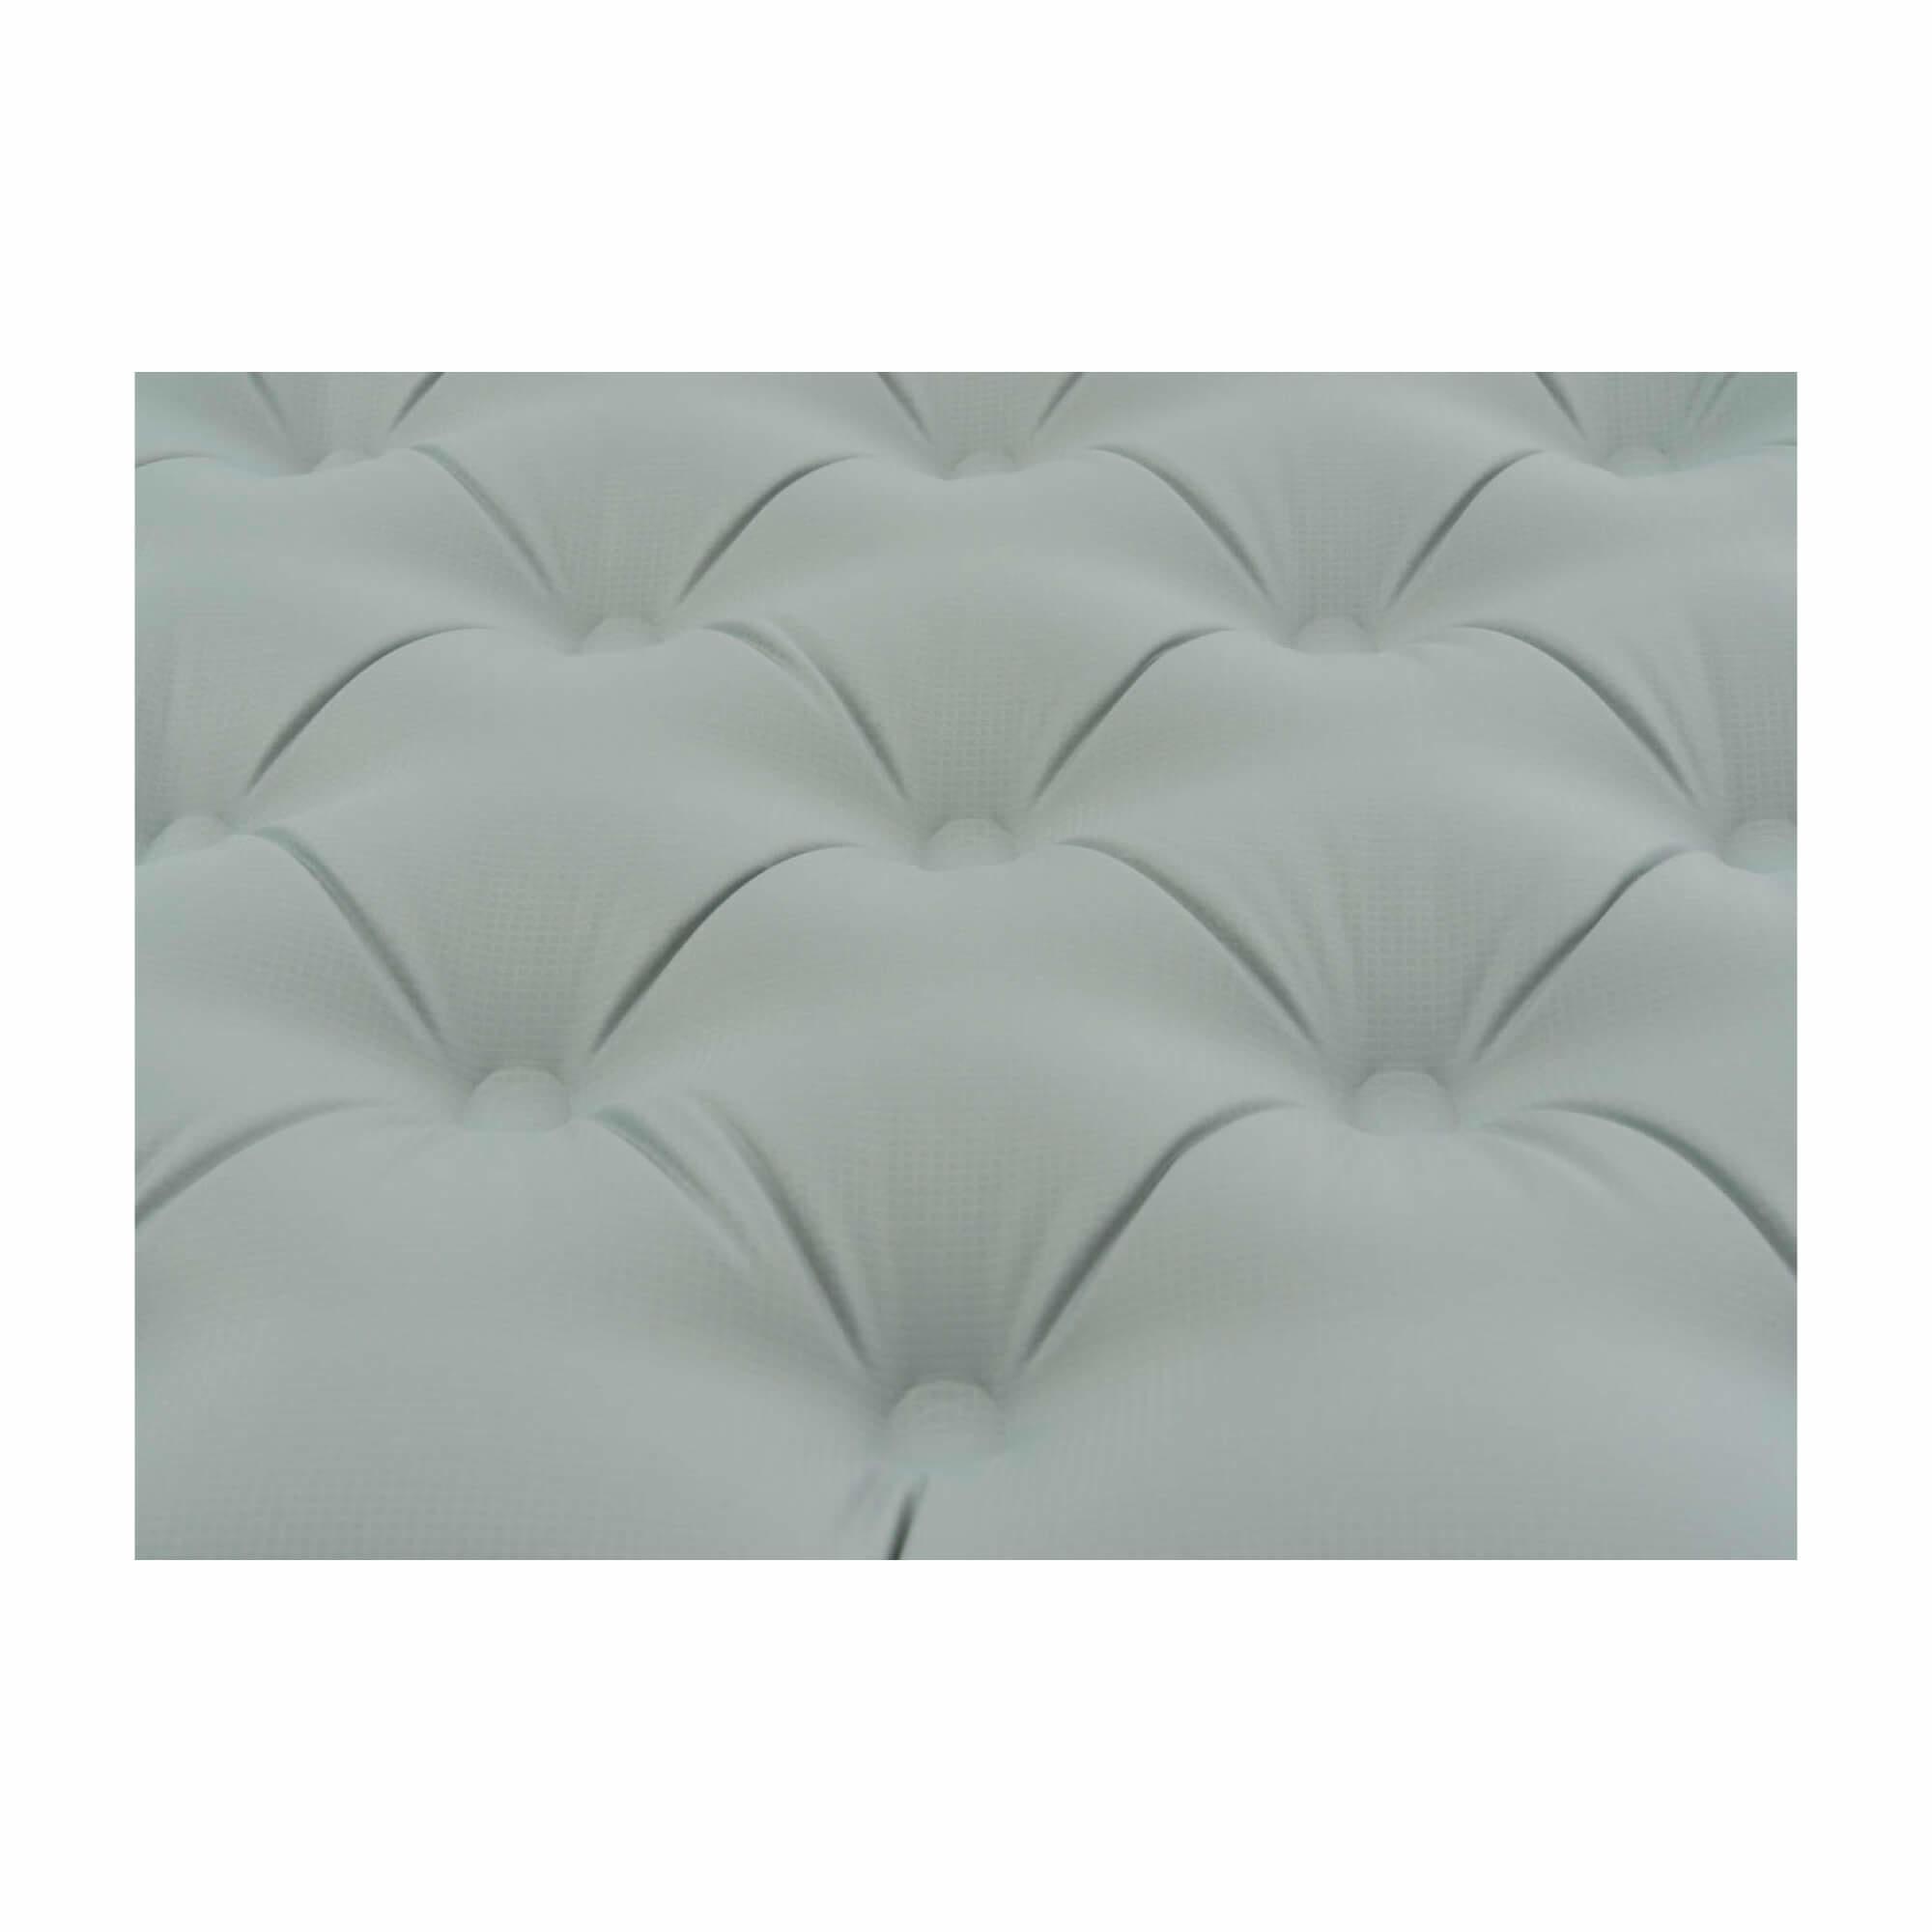 Ether XT Insulated Mat Rec Regular-5